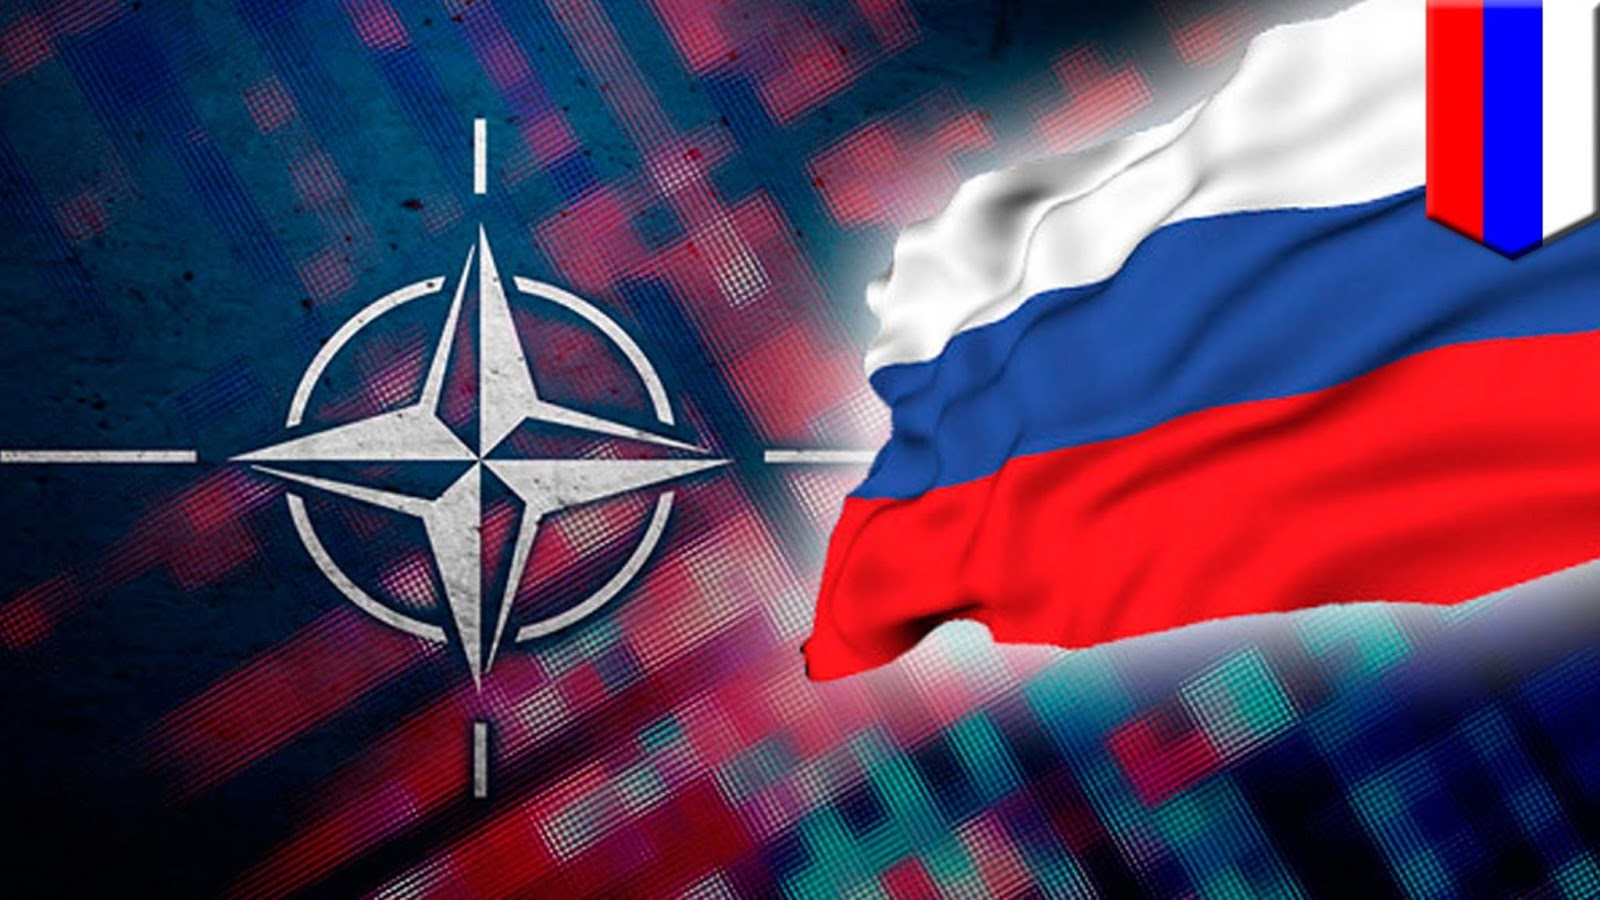 """Πώς βλέπει η Ρωσία την """"επέκταση"""" του ΝΑΤΟ στα δυτικά Βαλκάνια"""